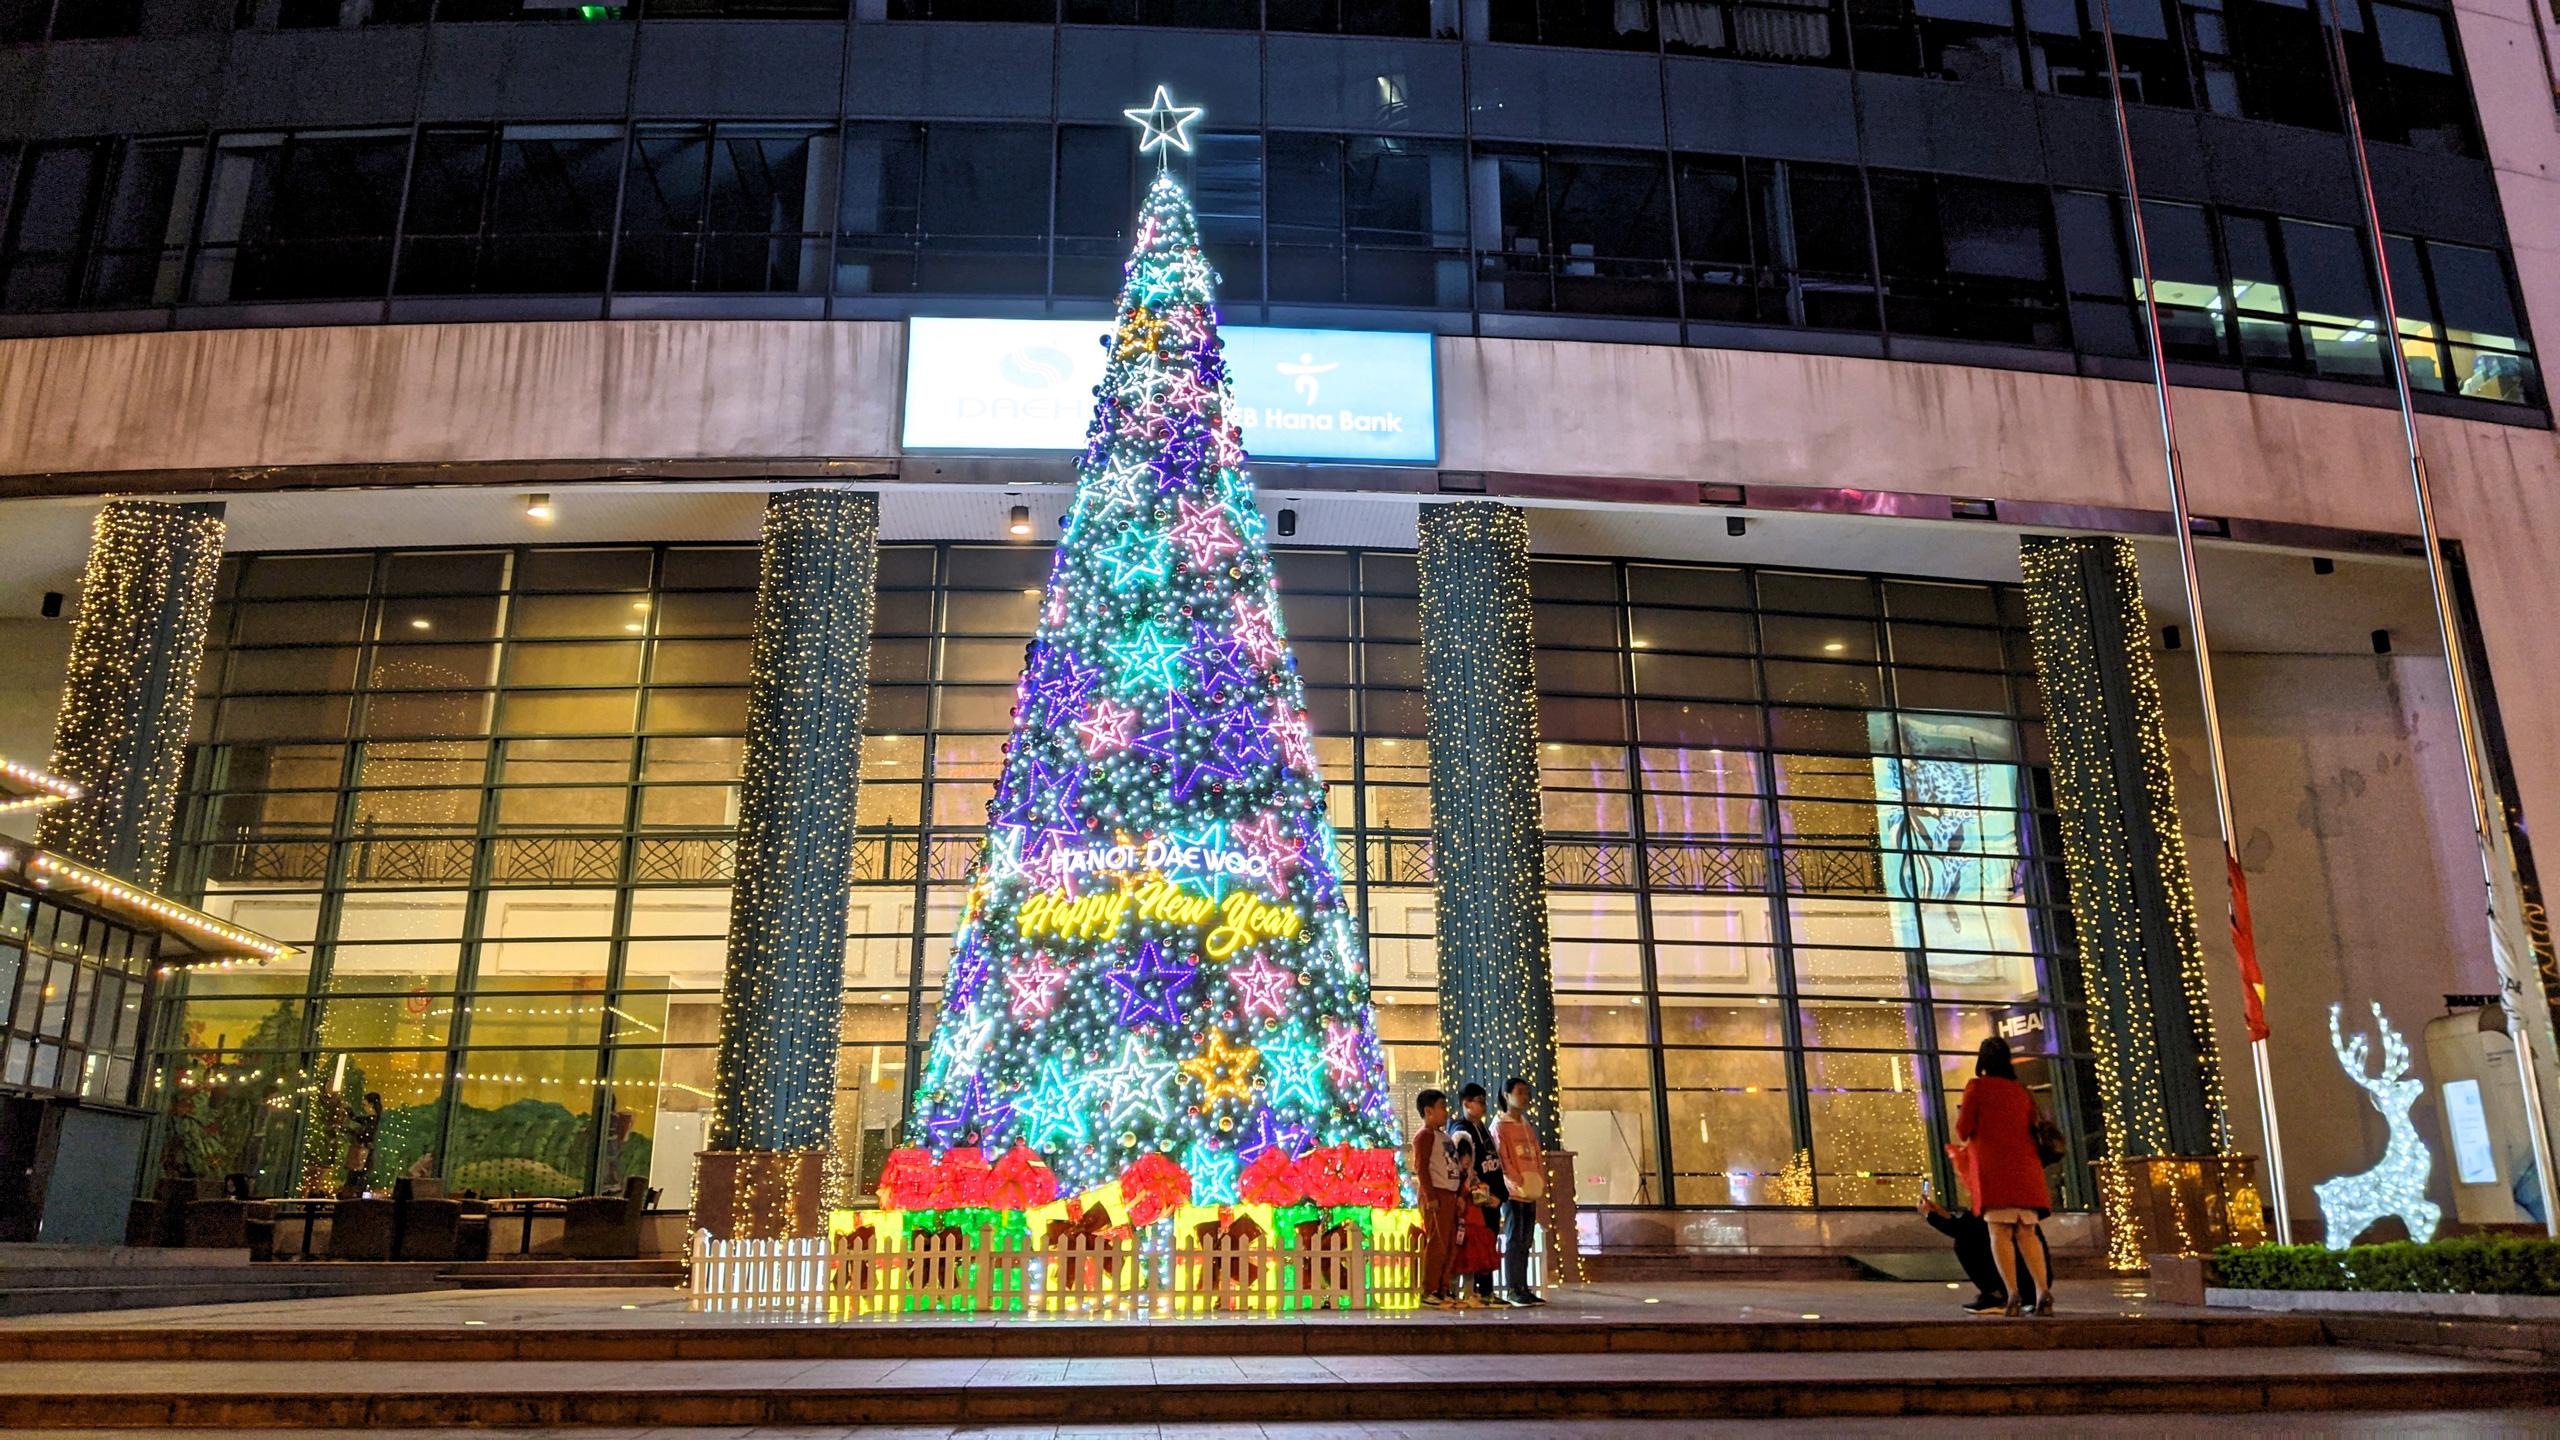 Khách sạn, trung tâm thương mại đồng loạt 'thay áo' mùa Giáng sinh 2020 - Ảnh 10.